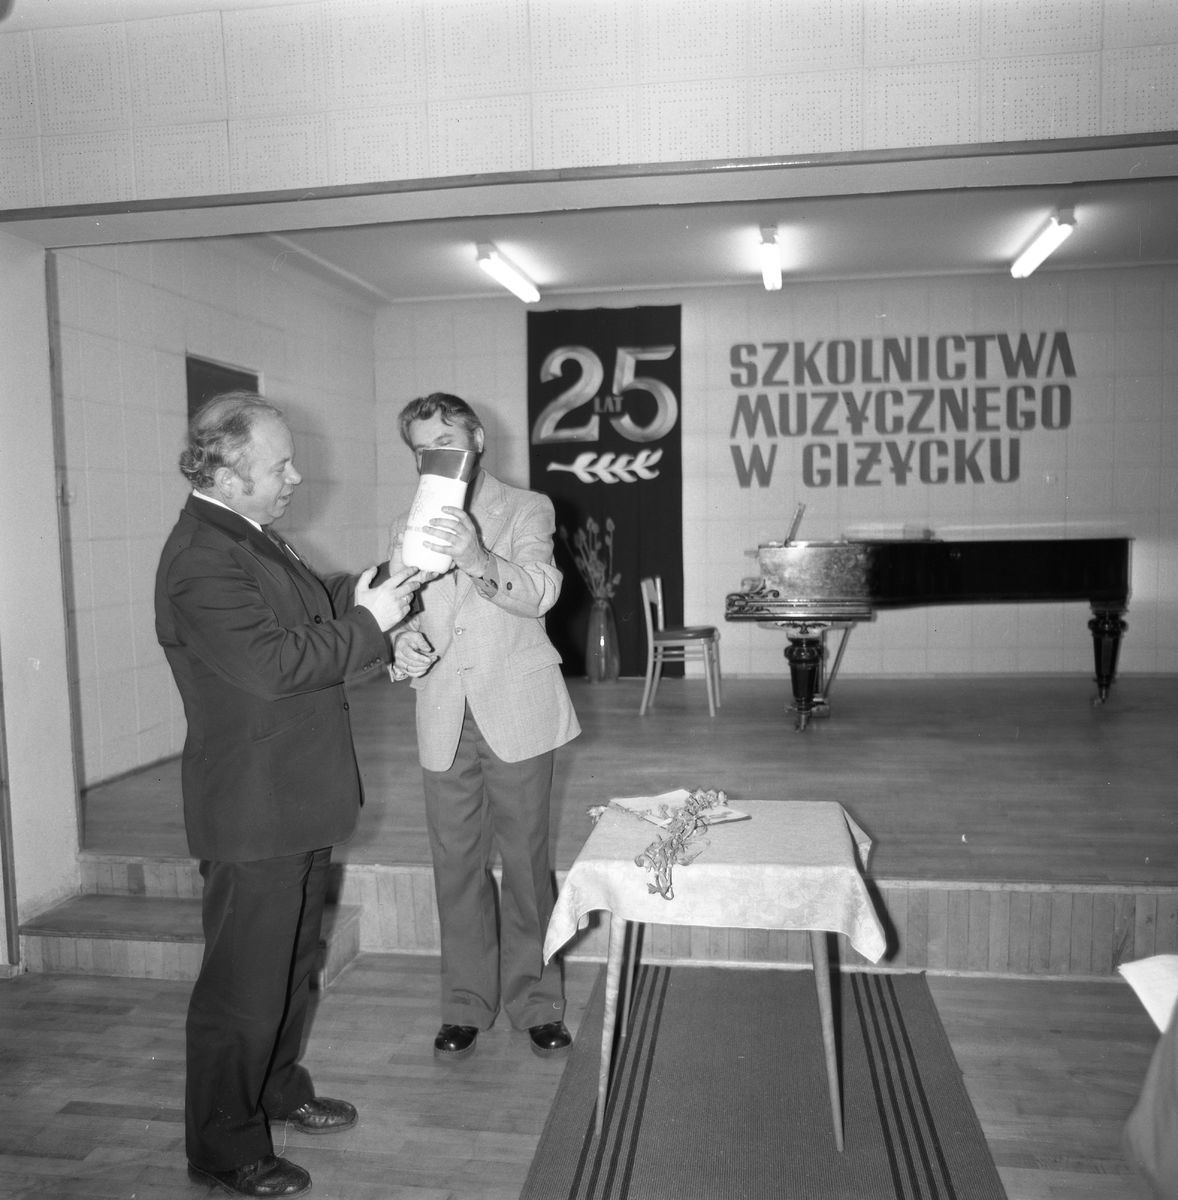 25-lecie szkoły muzycznej [1]